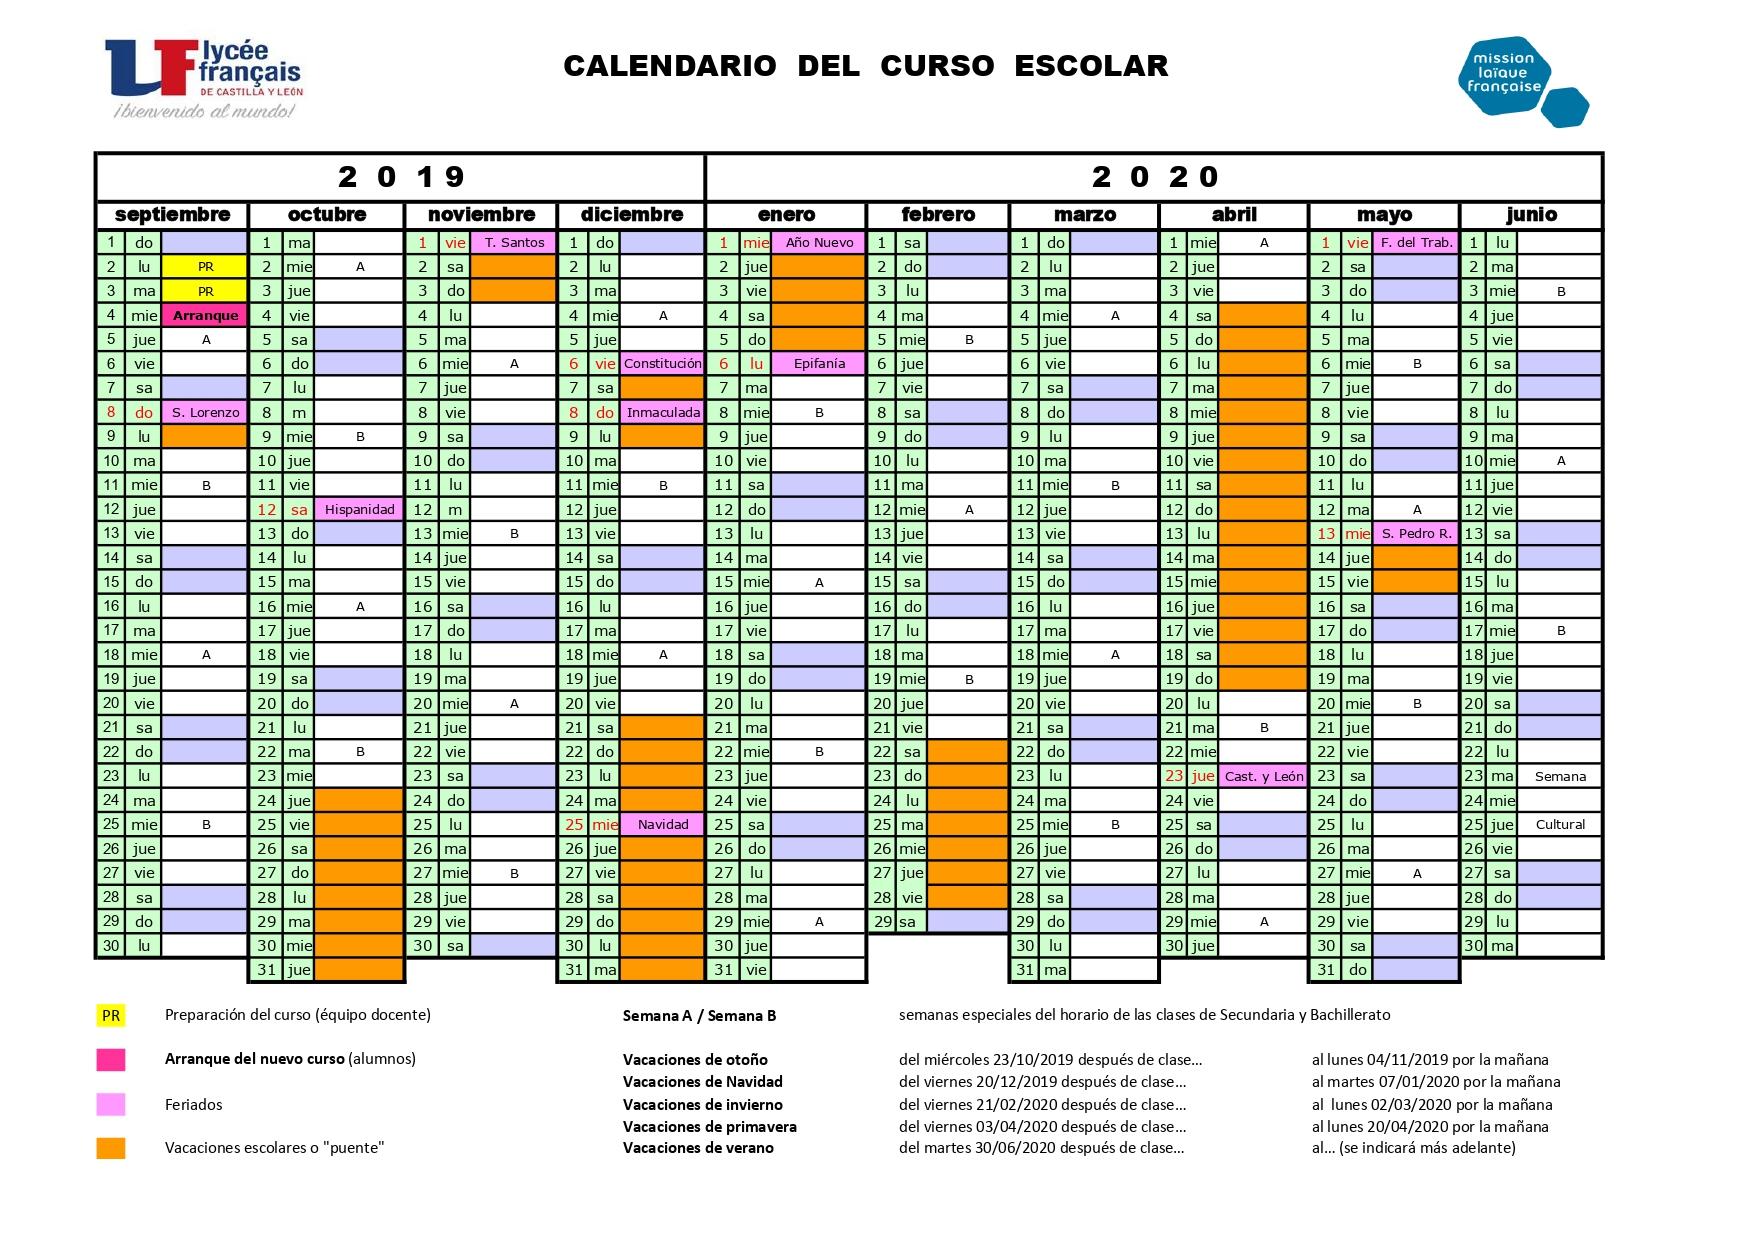 Calendario Escolar Valladolid 2020.Calendario 2019 2020 Liceo Frances De Castilla Y Leon